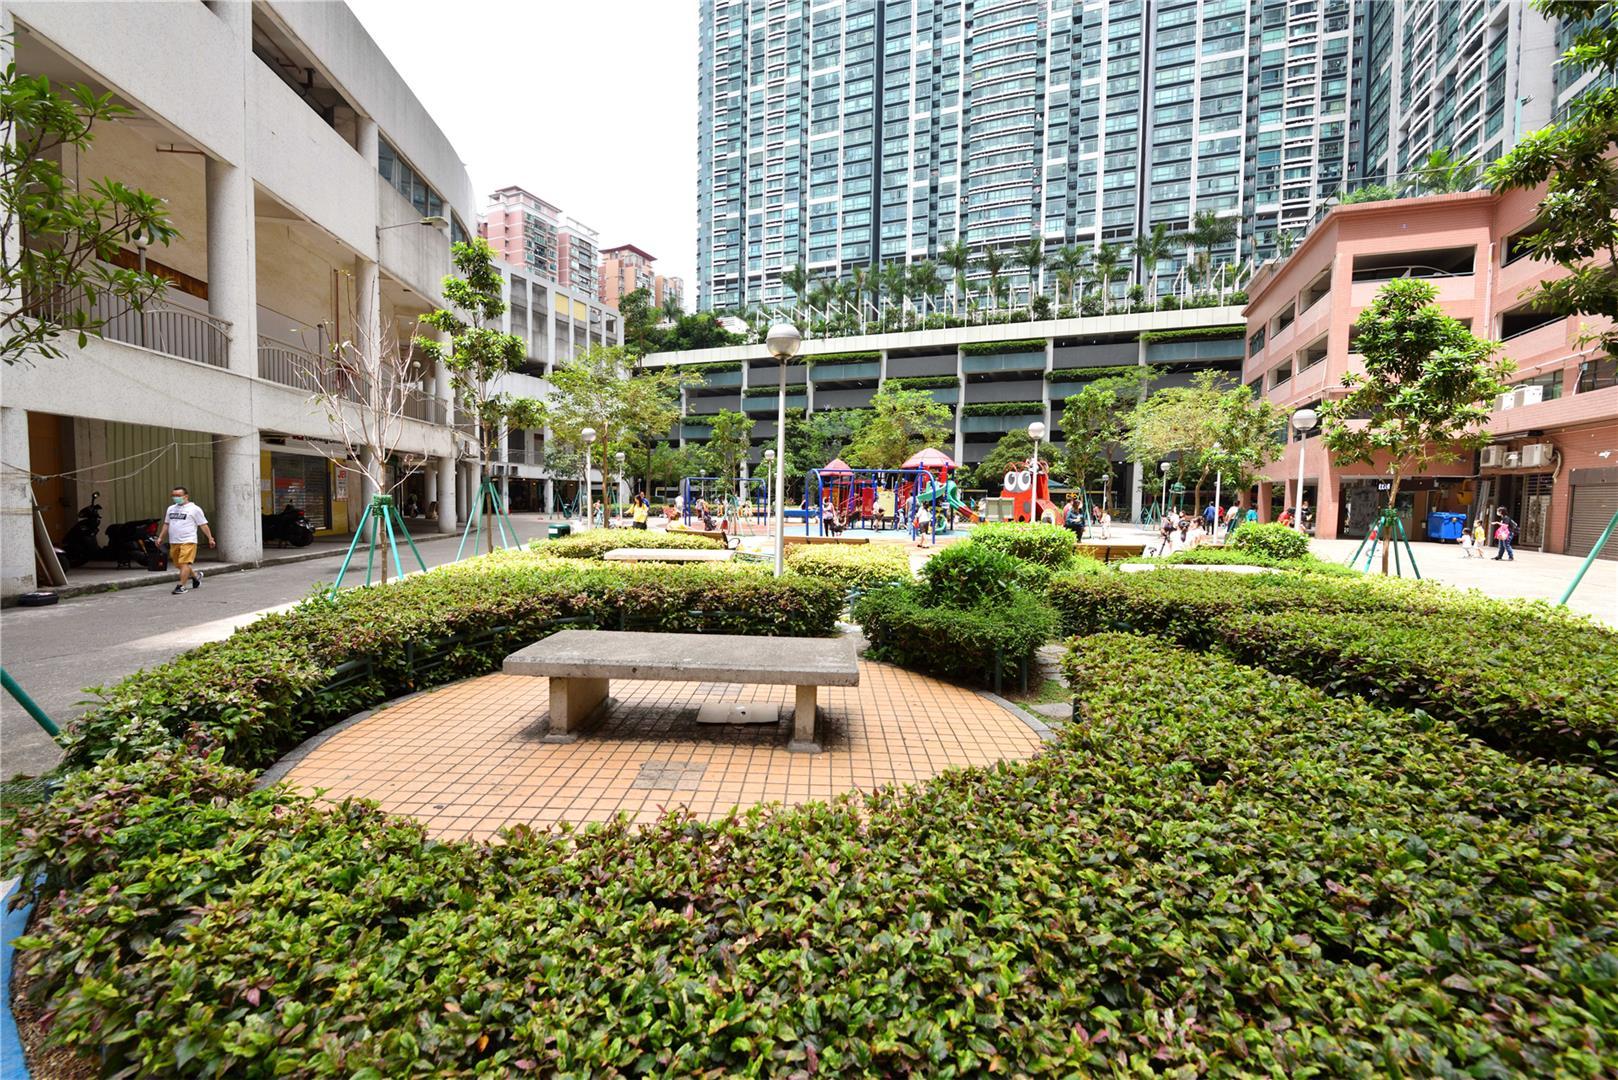 Leisure Area in Praça das Orquídeas